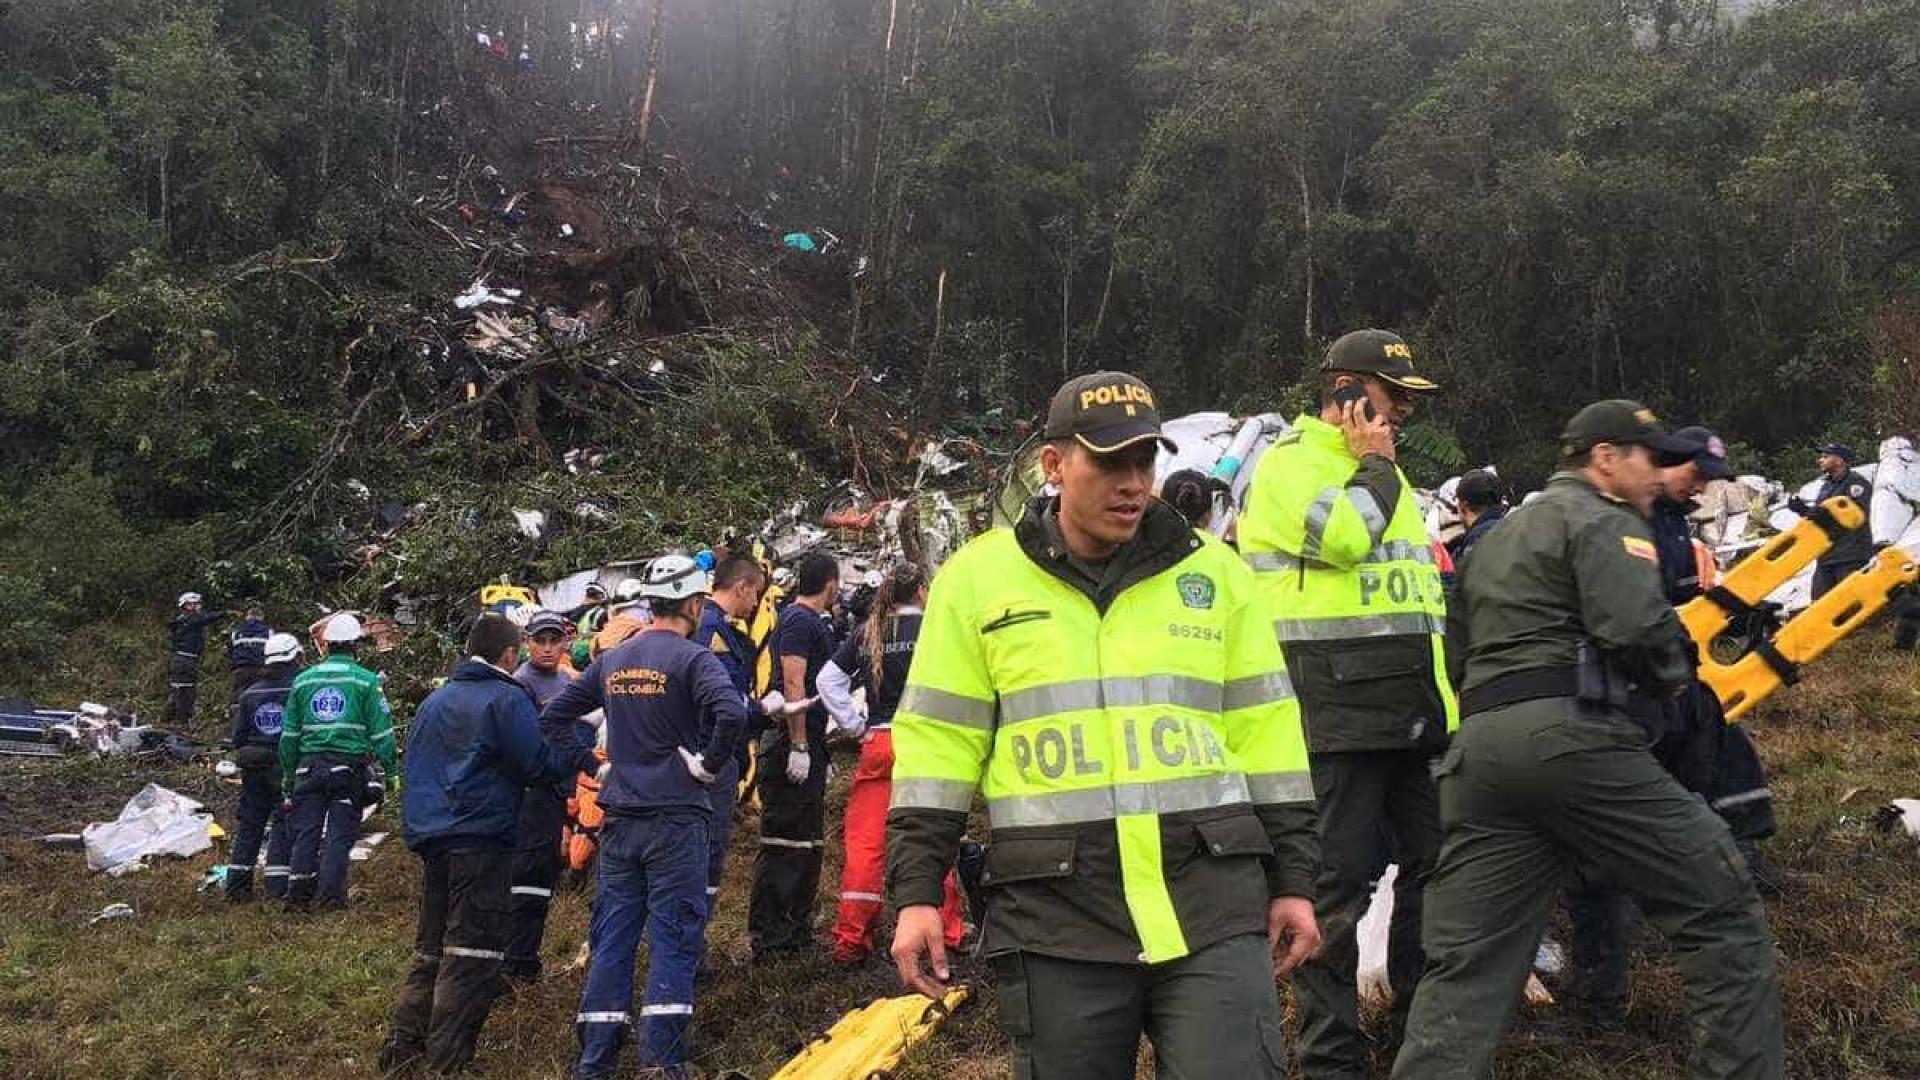 Encontrada mais uma pessoa com vida no local do acidente de avião